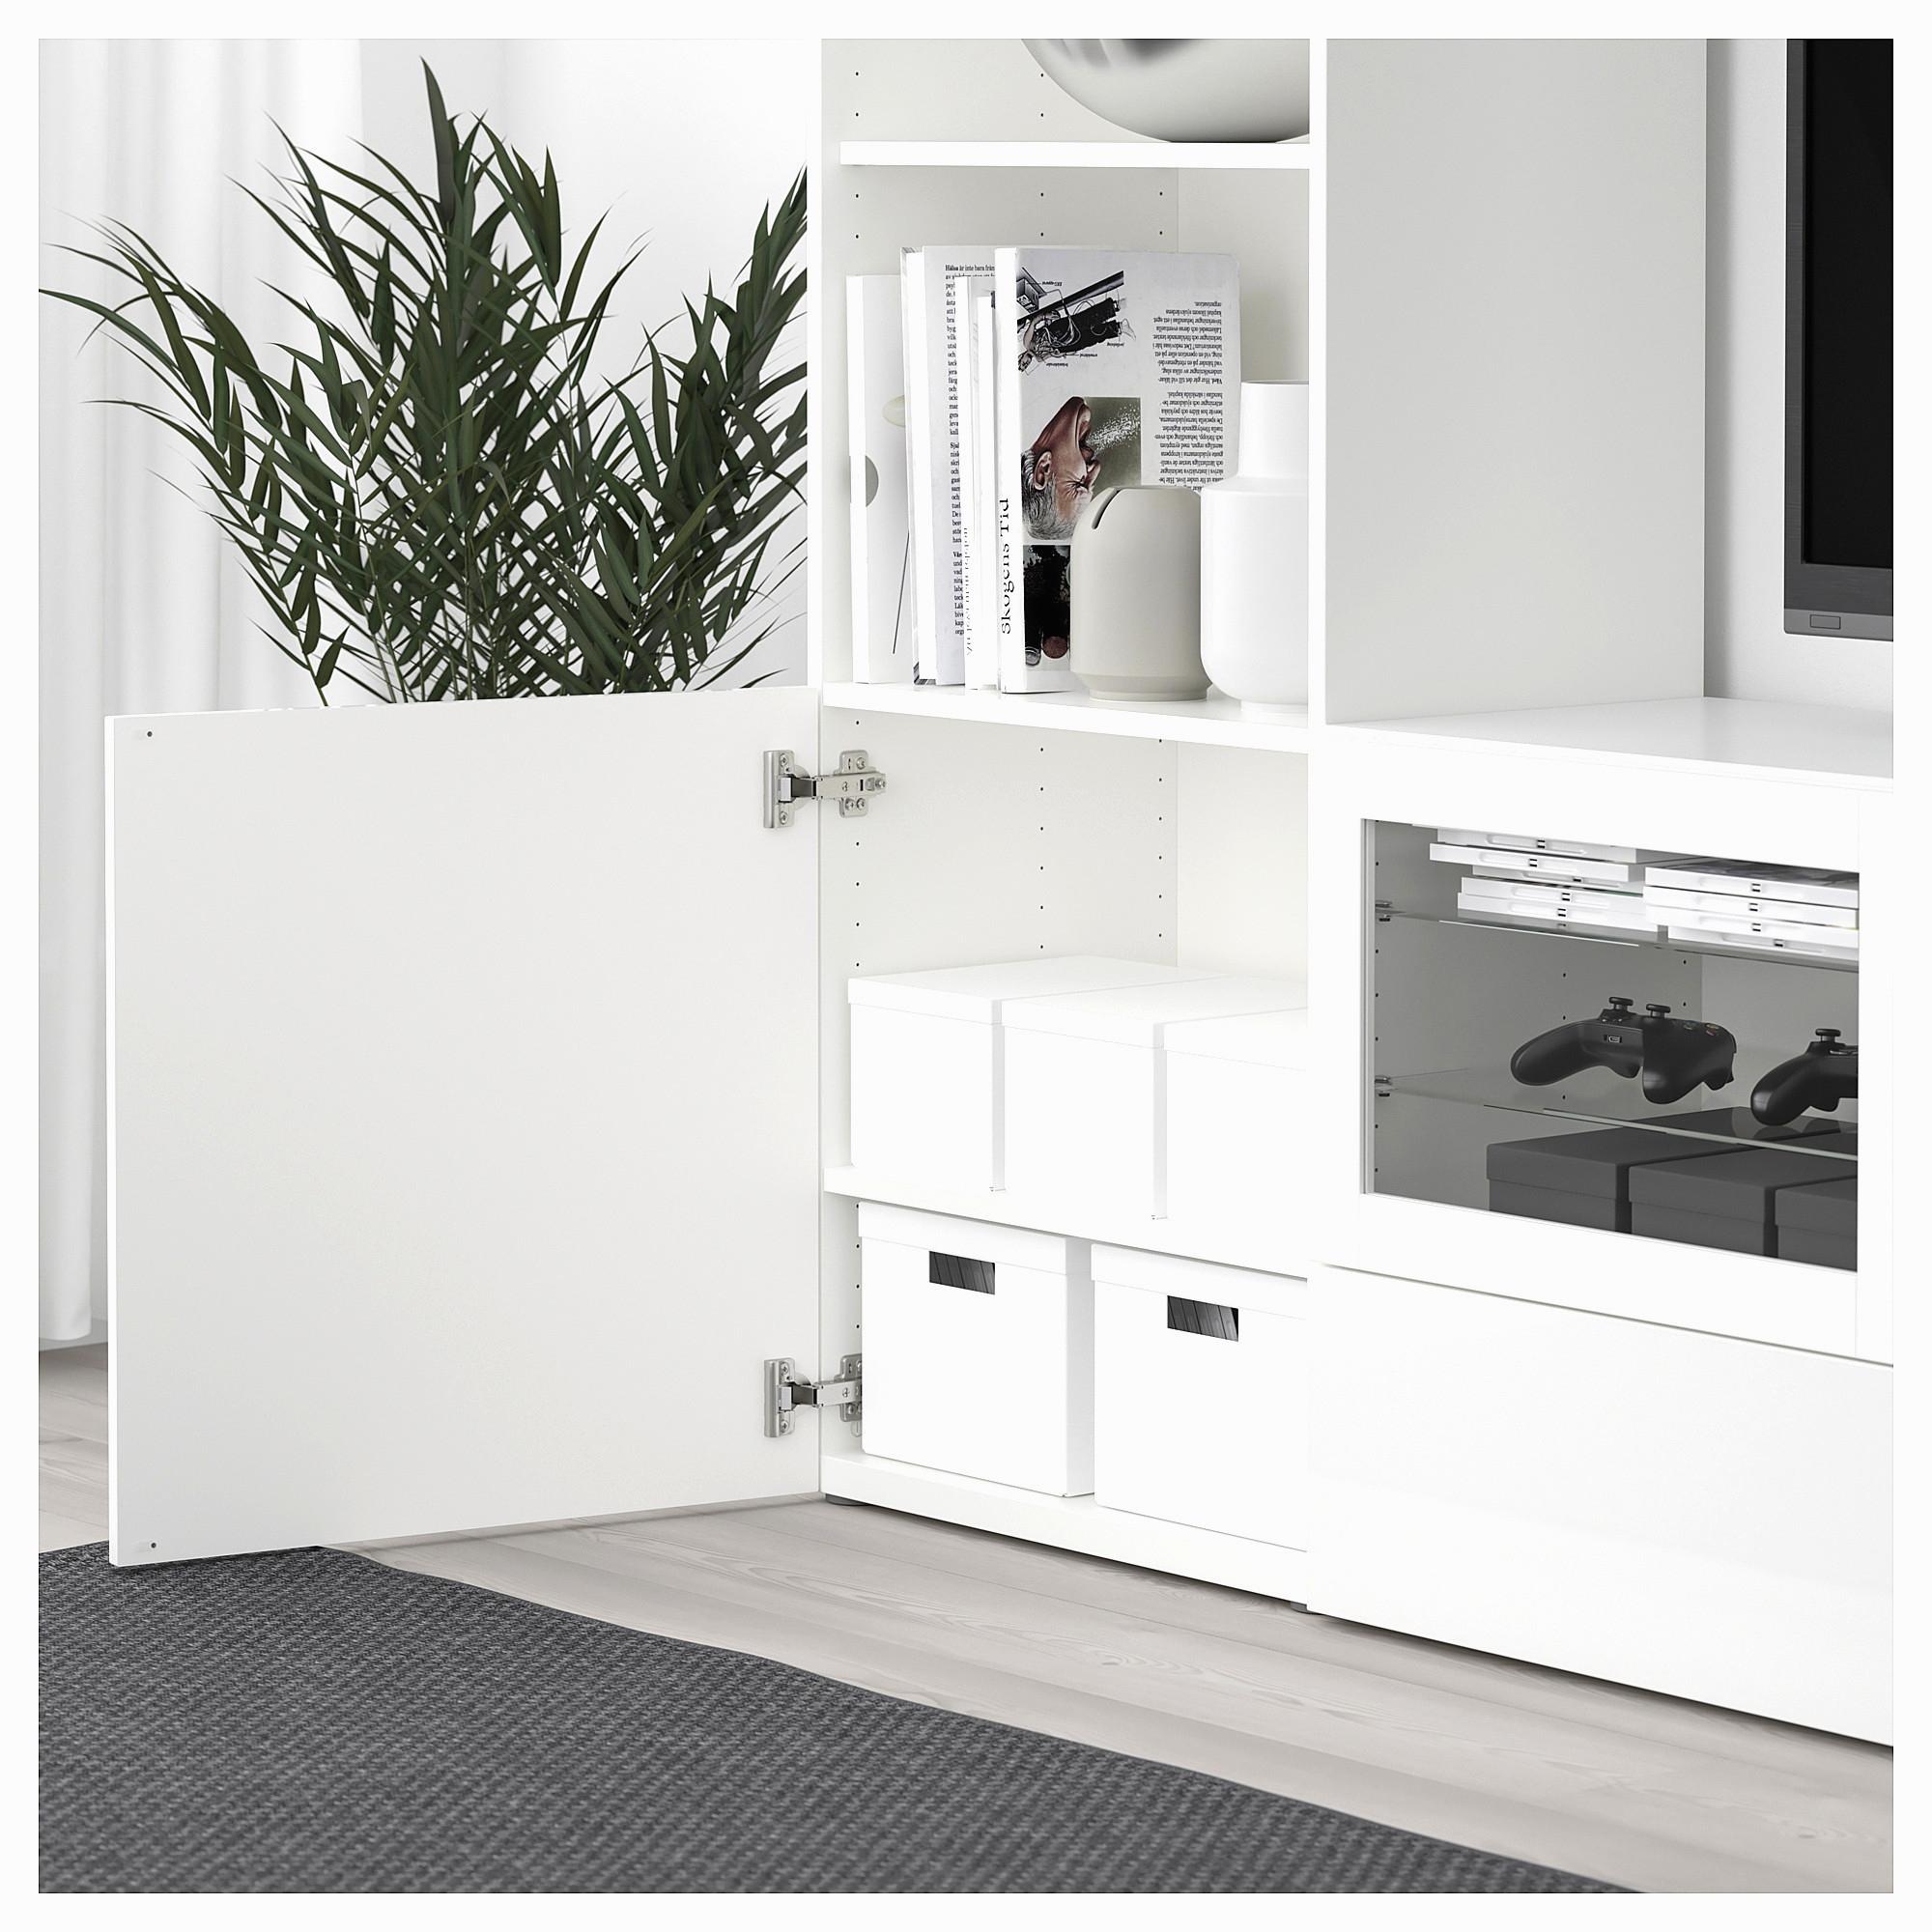 Ikea Meuble sous Vasque Luxe Galerie 20 Inspirant Ikea Meuble Vasque Salle De Bain Bain